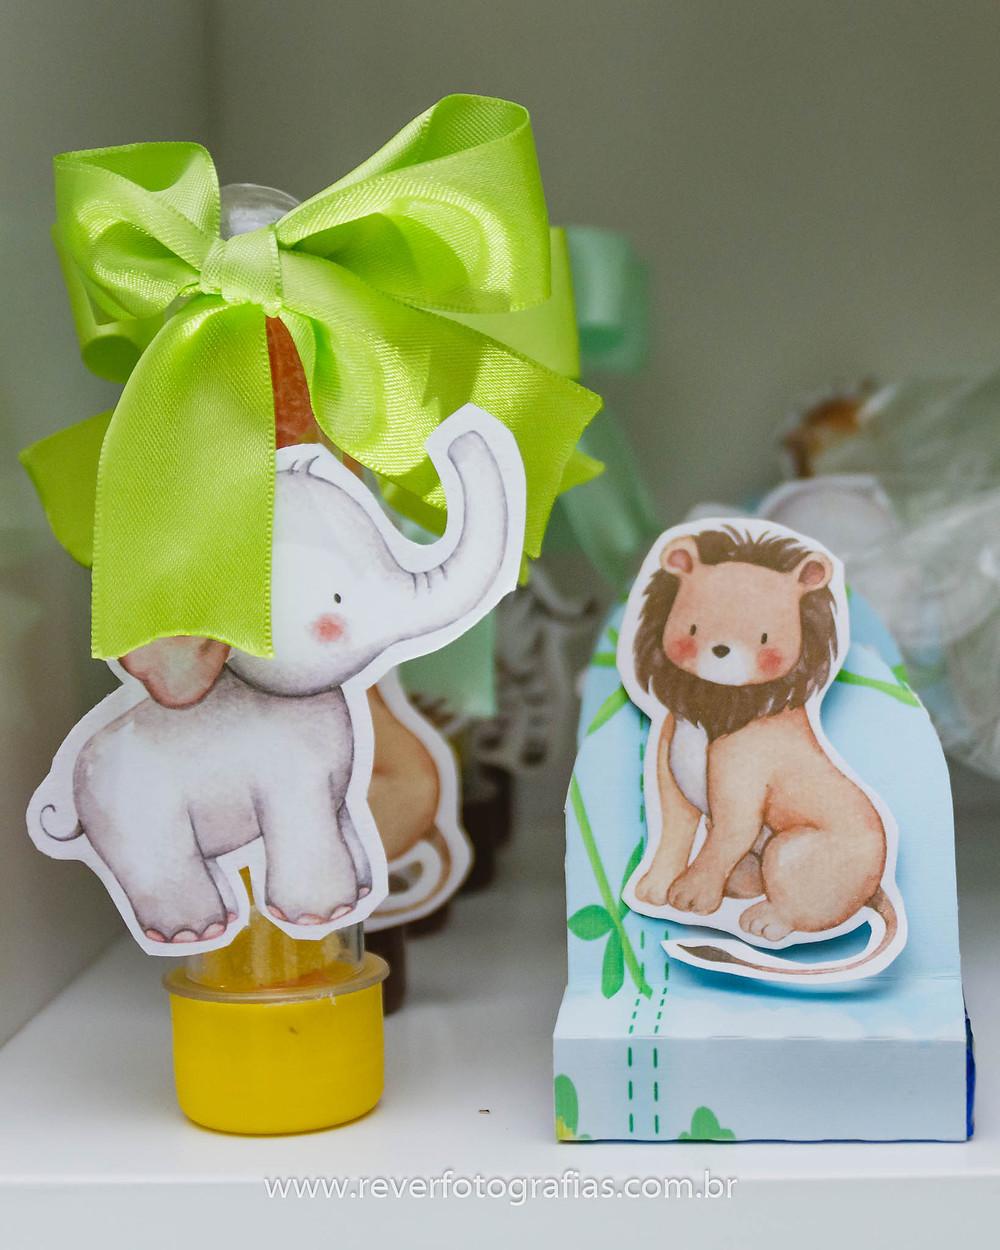 fotografia de personalizados para festa infantil com tema safari